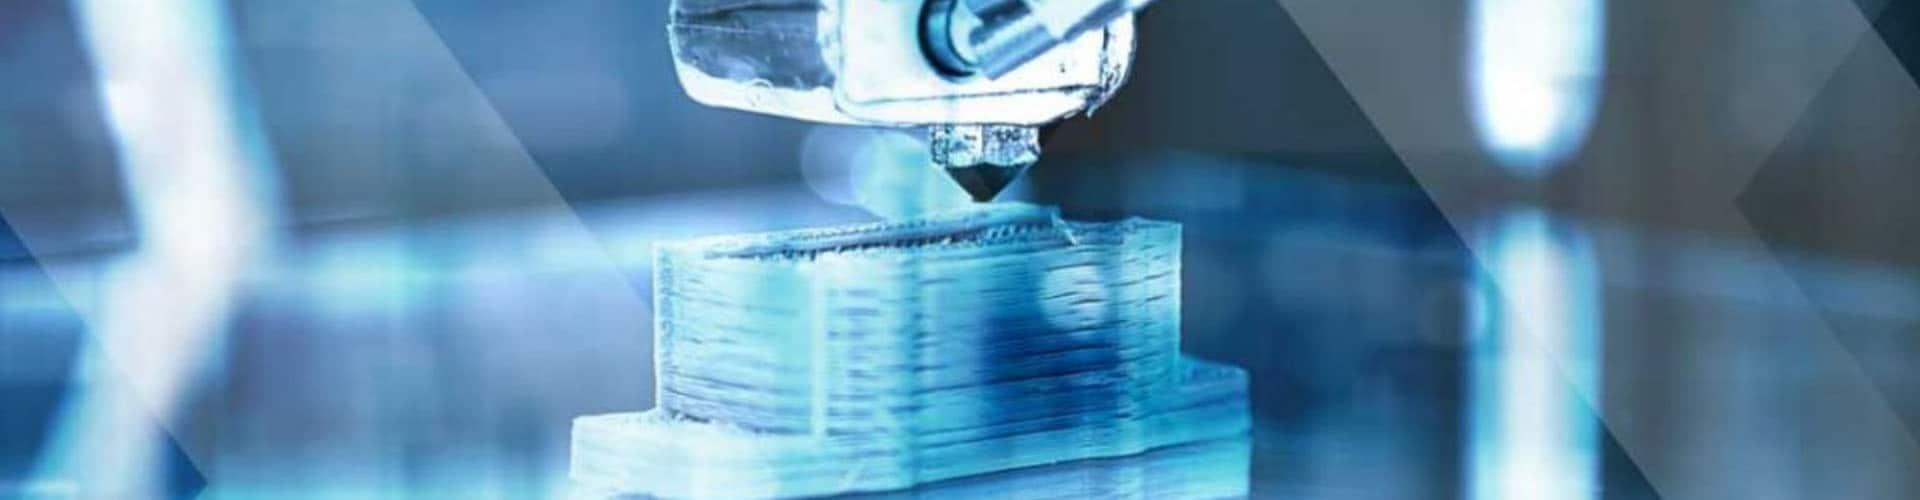 Fortus 400MC 3D printer Review